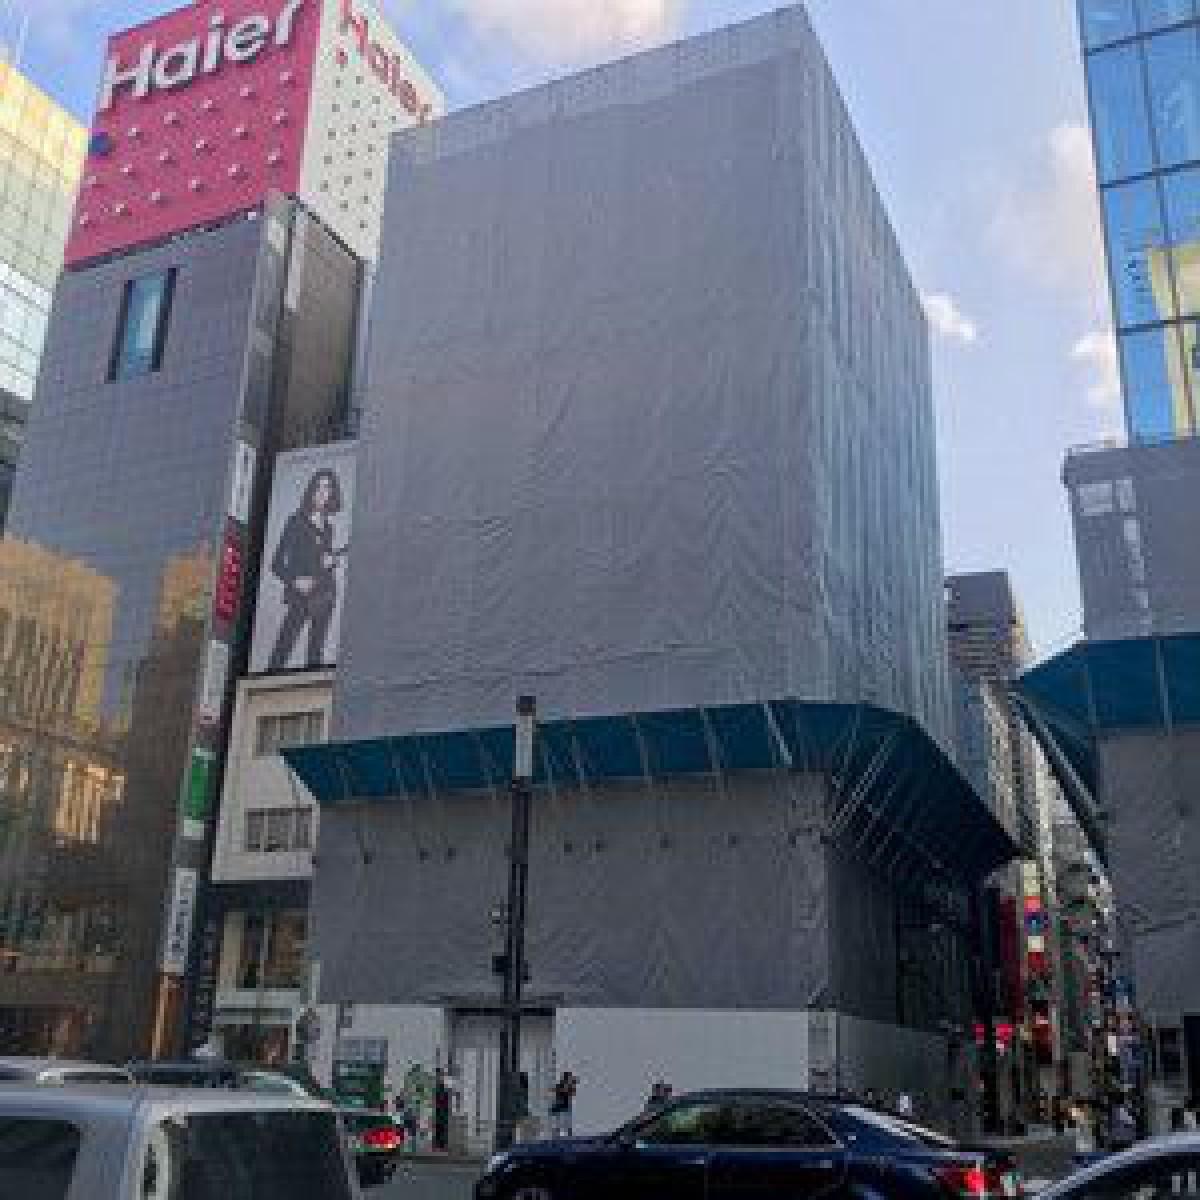 ボッテガ・ヴェネタ、銀座ディオール跡地に日本初のメゾン出店